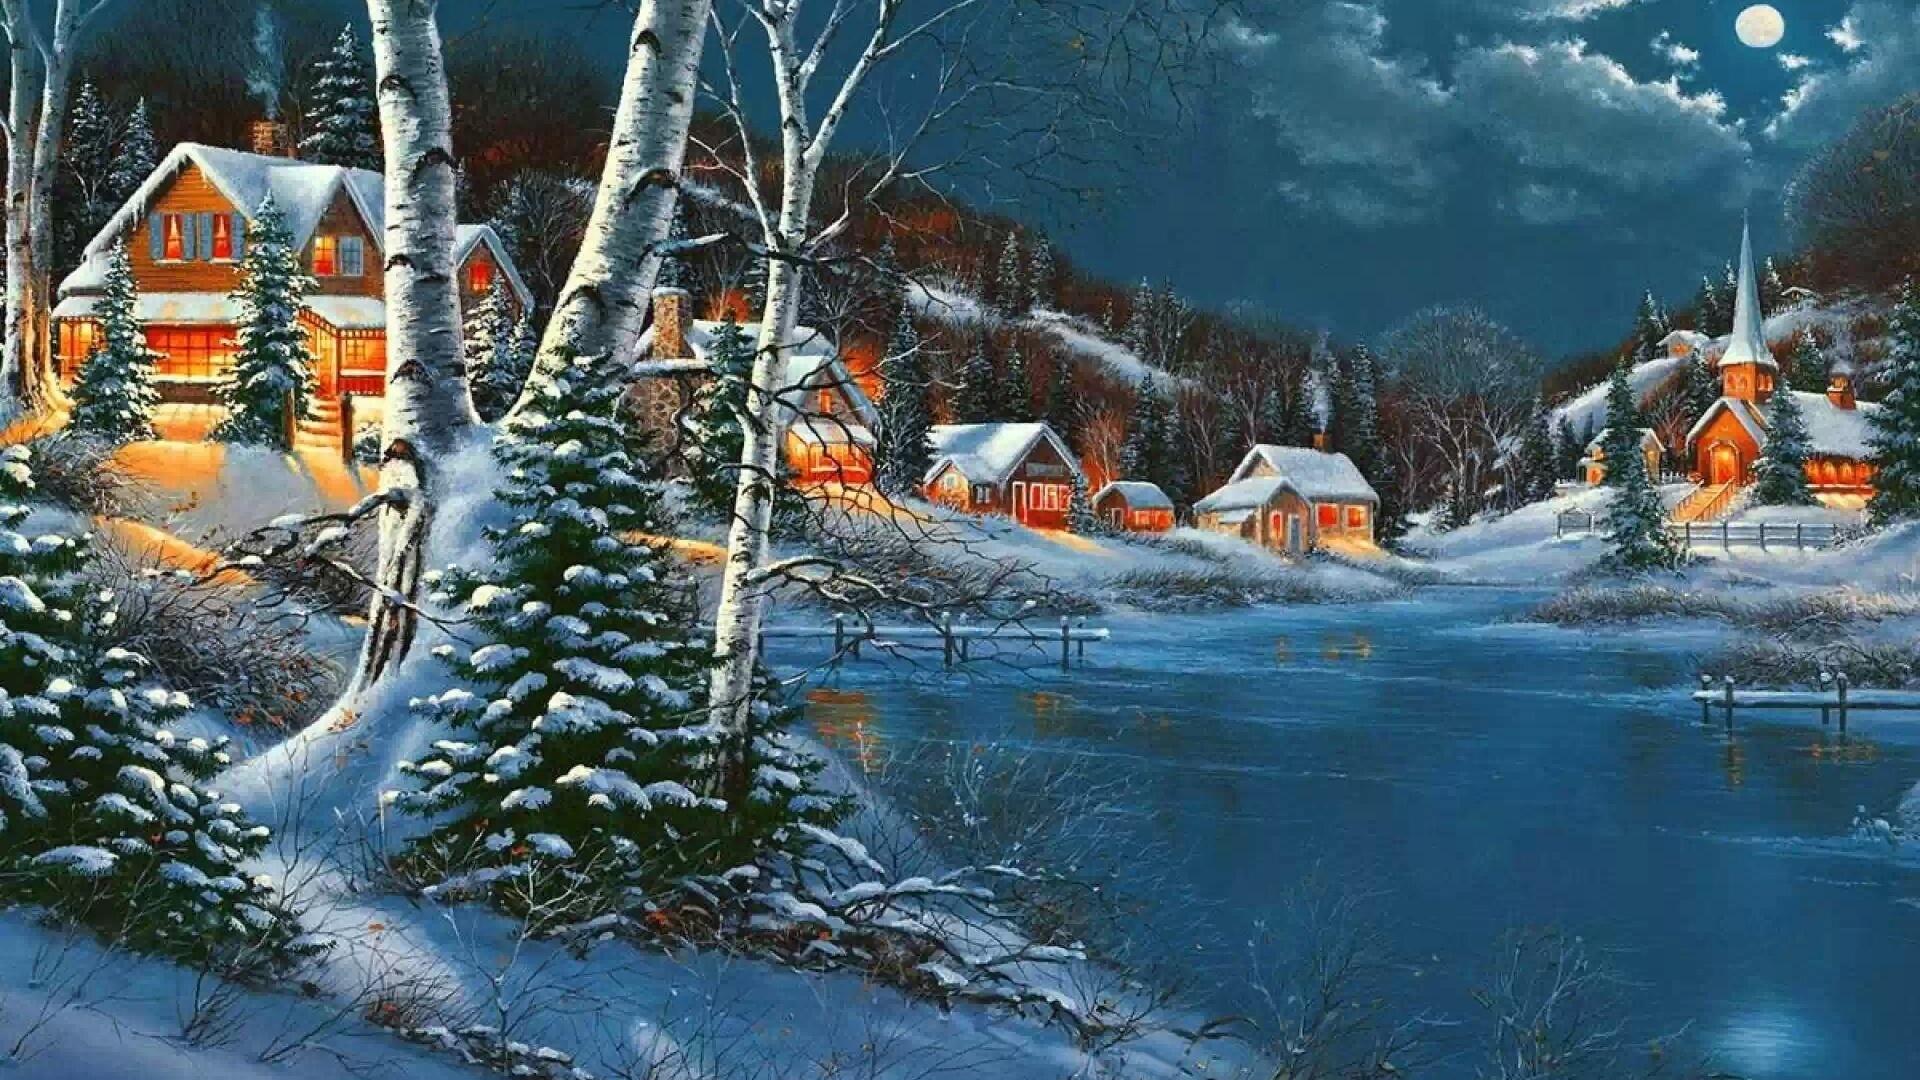 должна найти красивые зимние новогодние пейзажи фото и картинки всех поклонников его